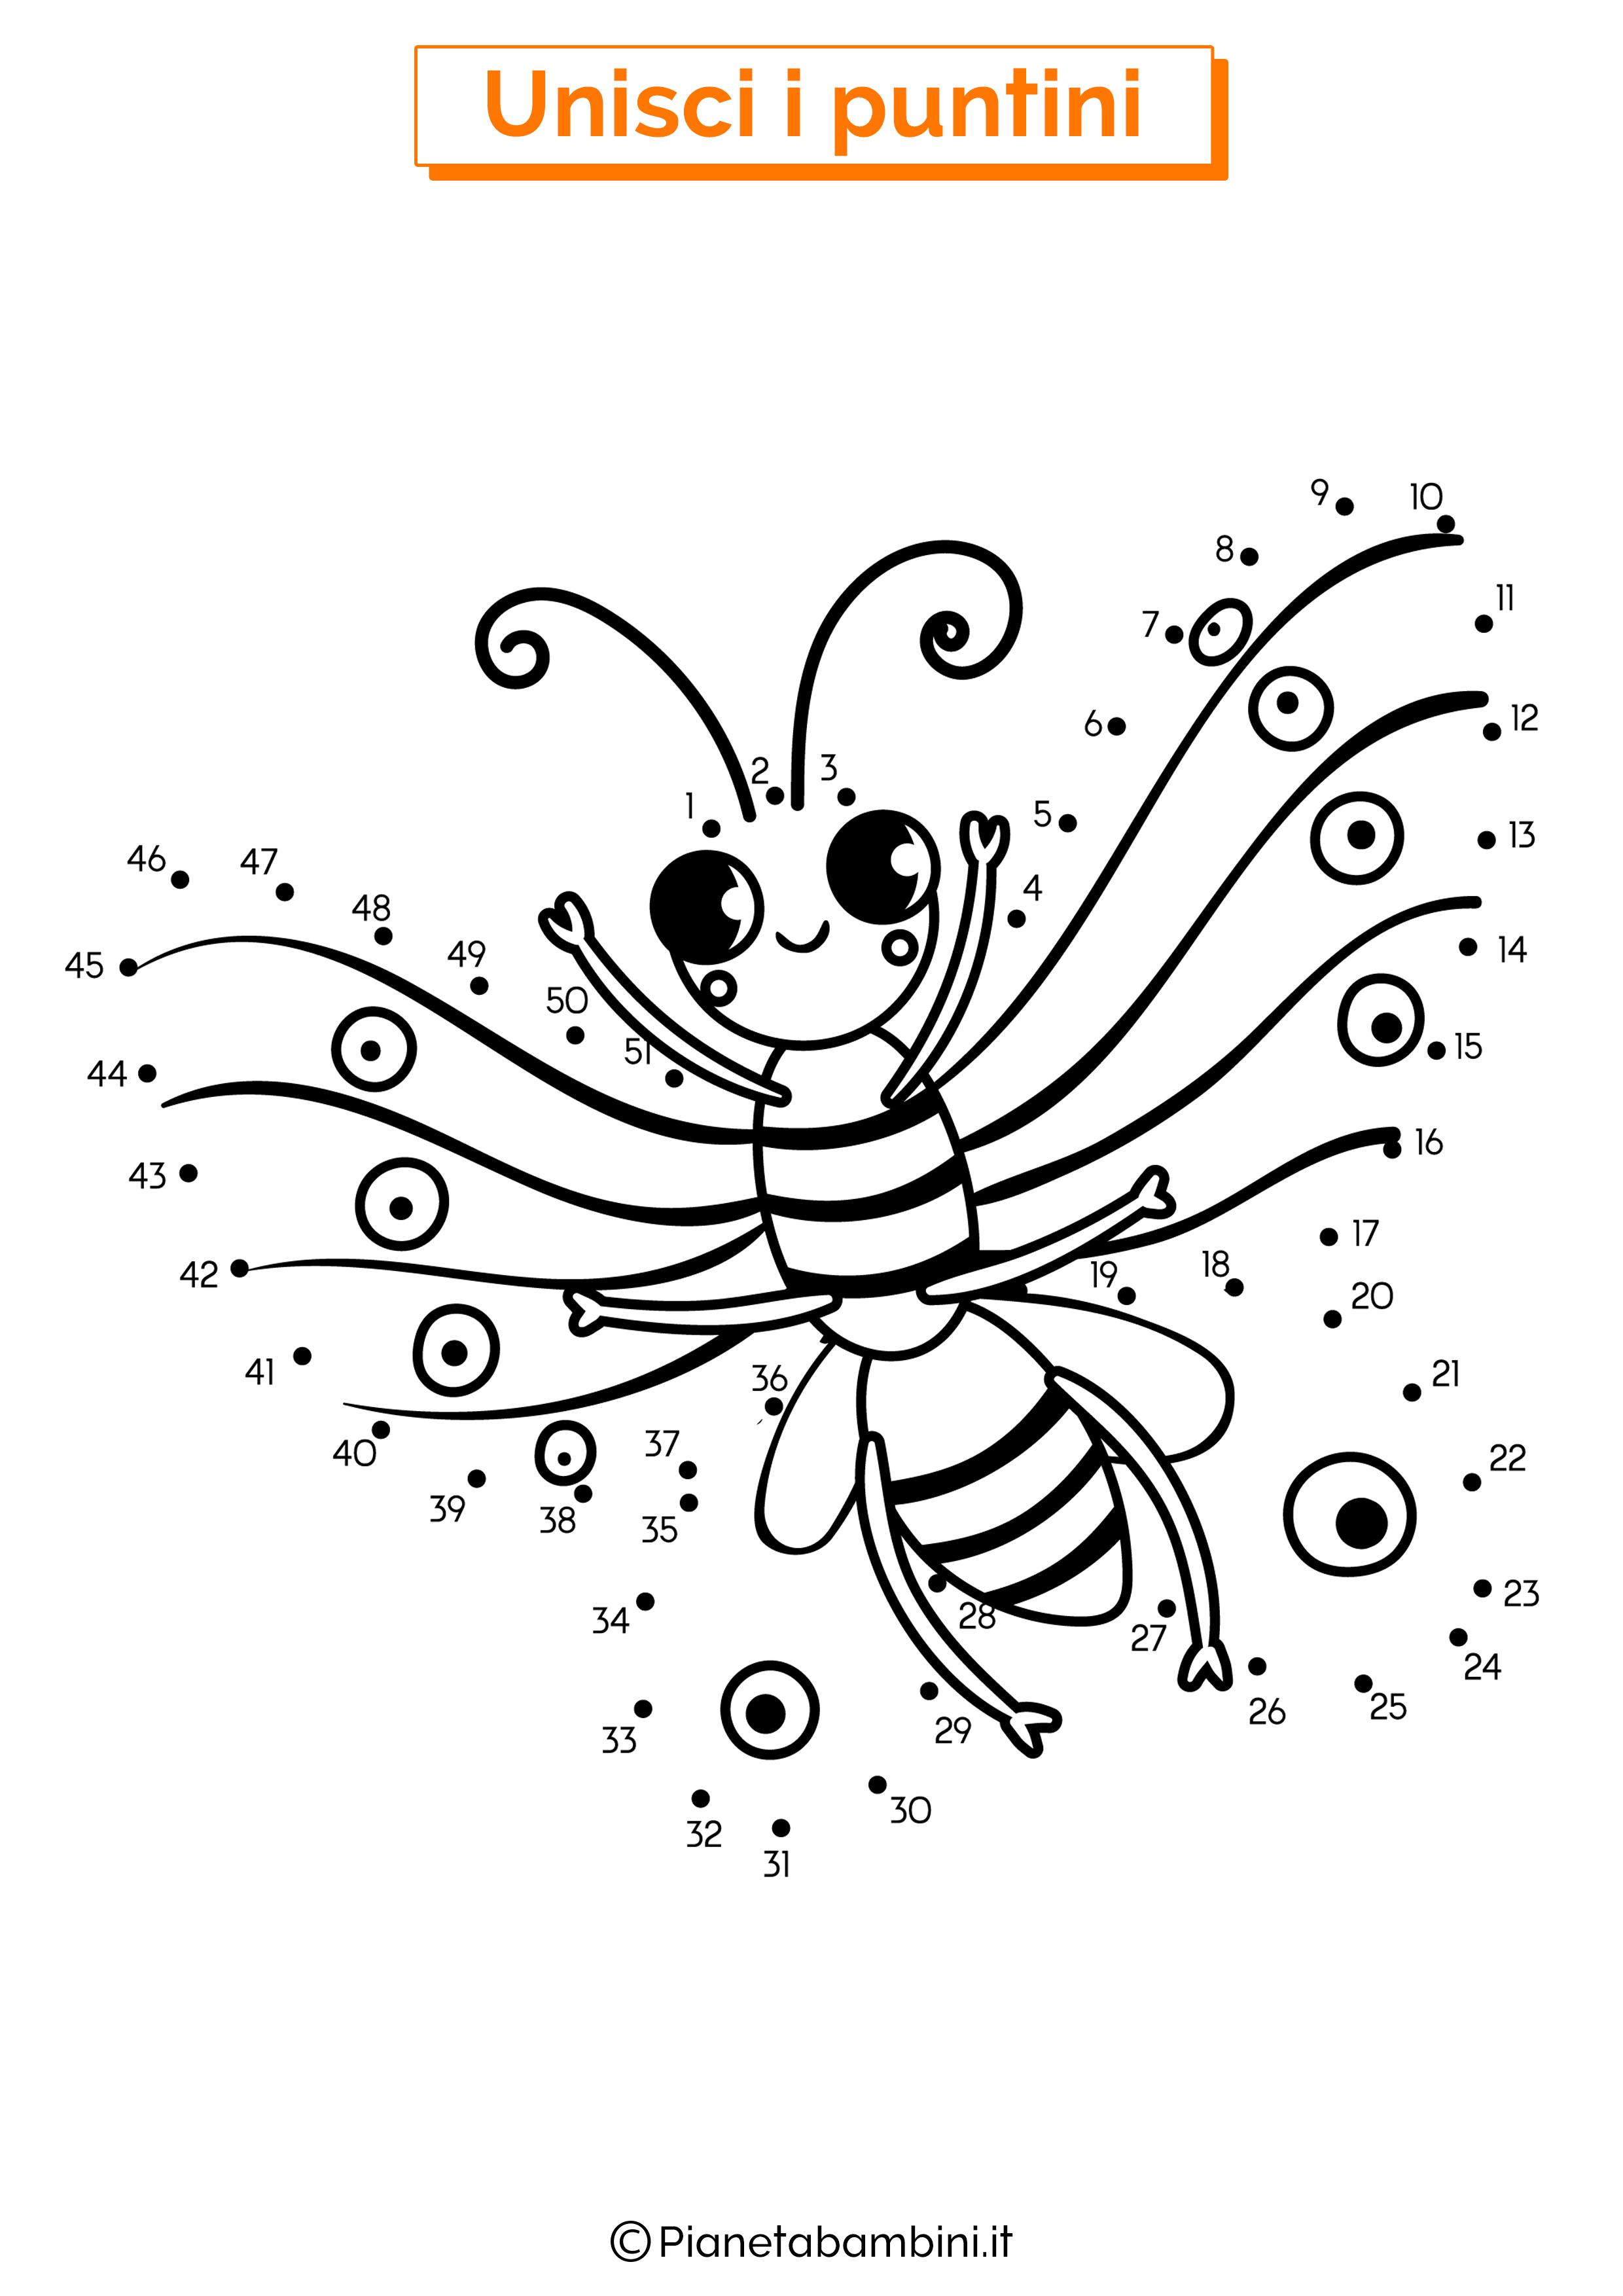 Disegno unisci i puntini da 1 a 50 farfalla